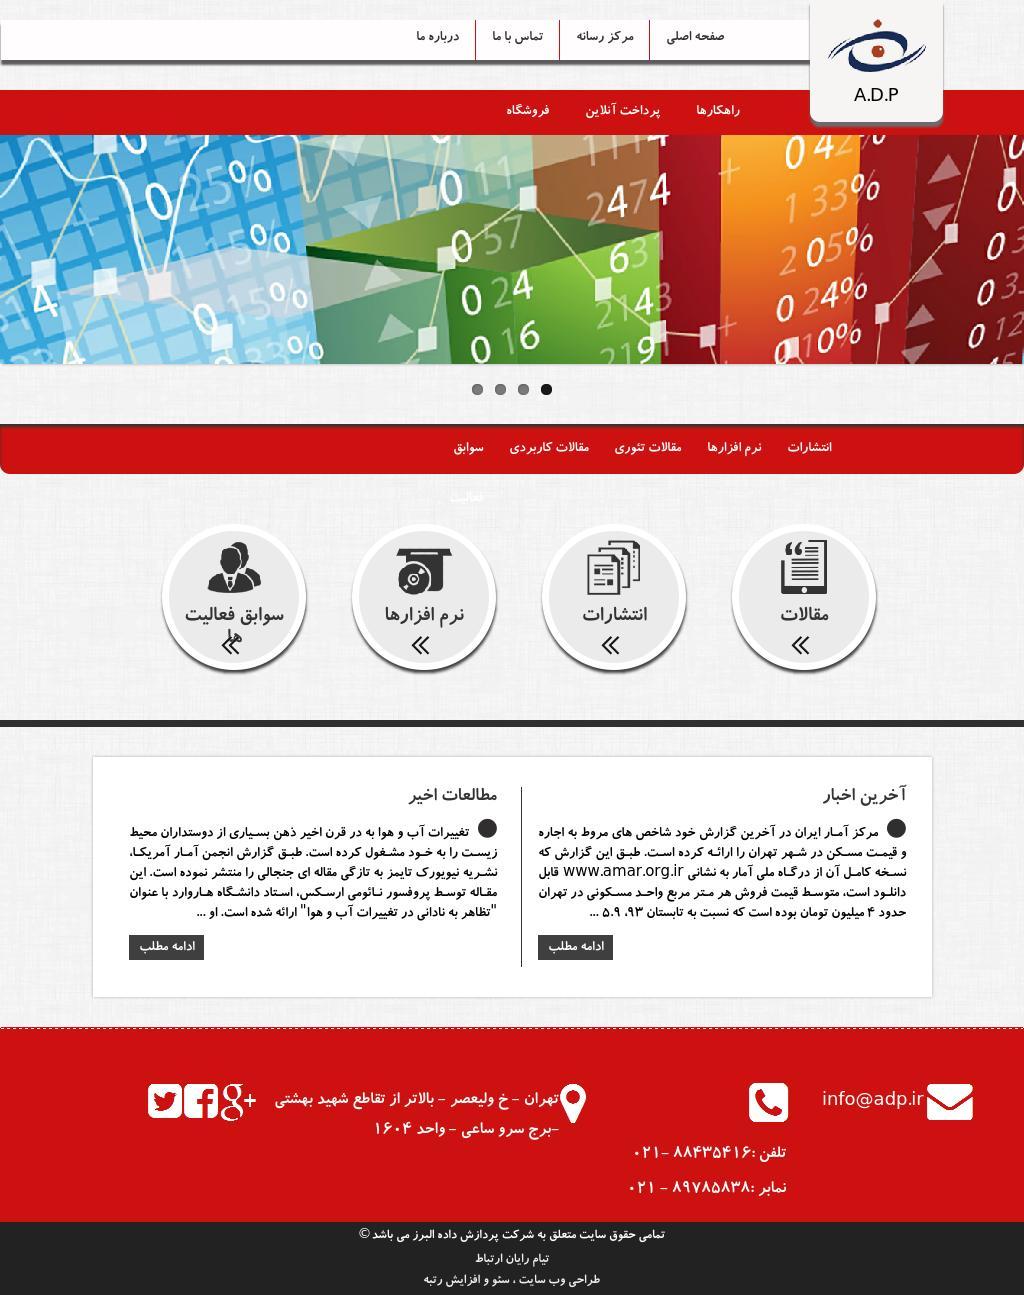 وب سایت پردازش داده البرز